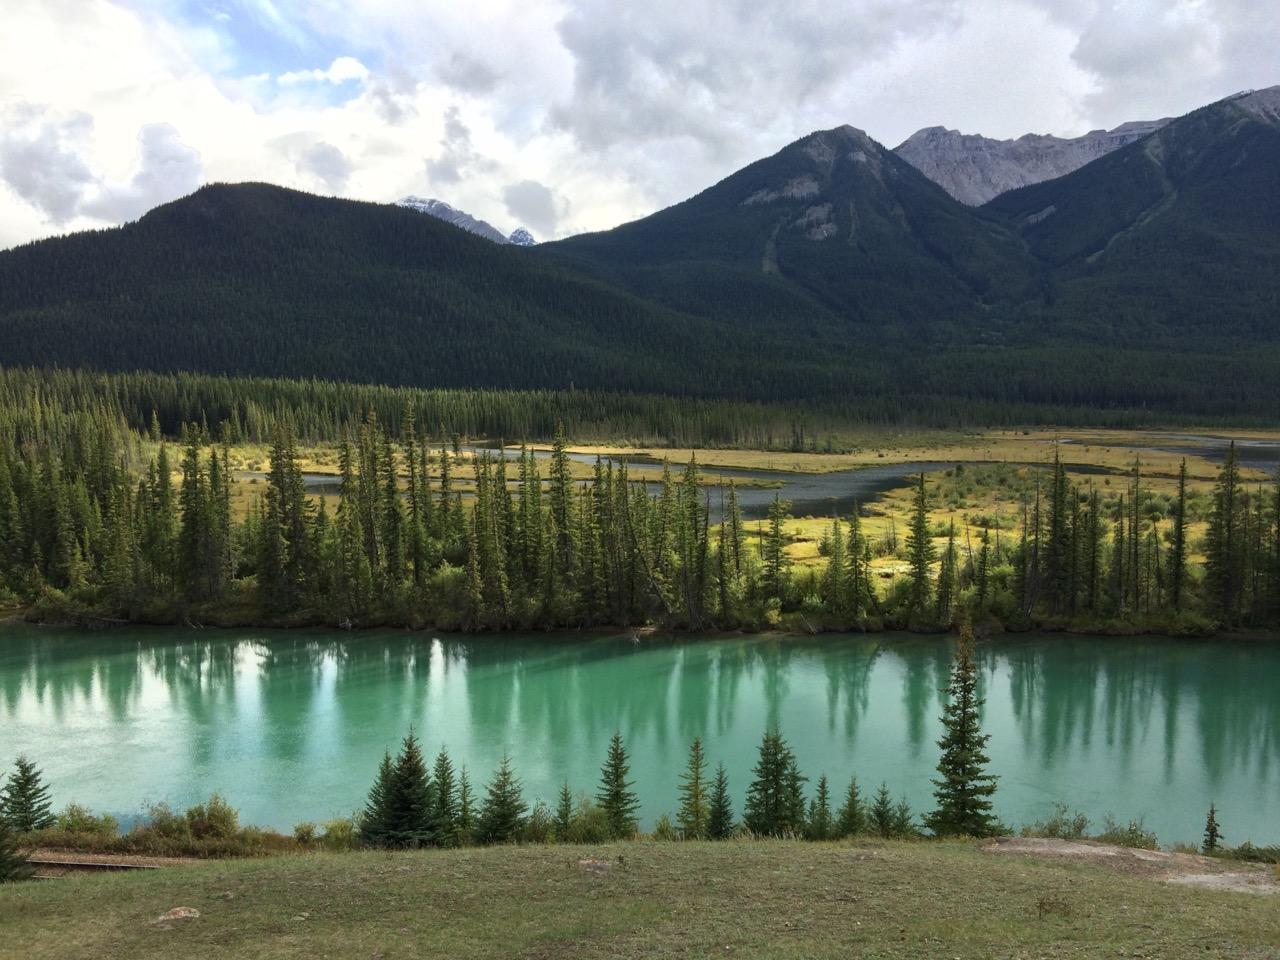 Trees-glacier-water